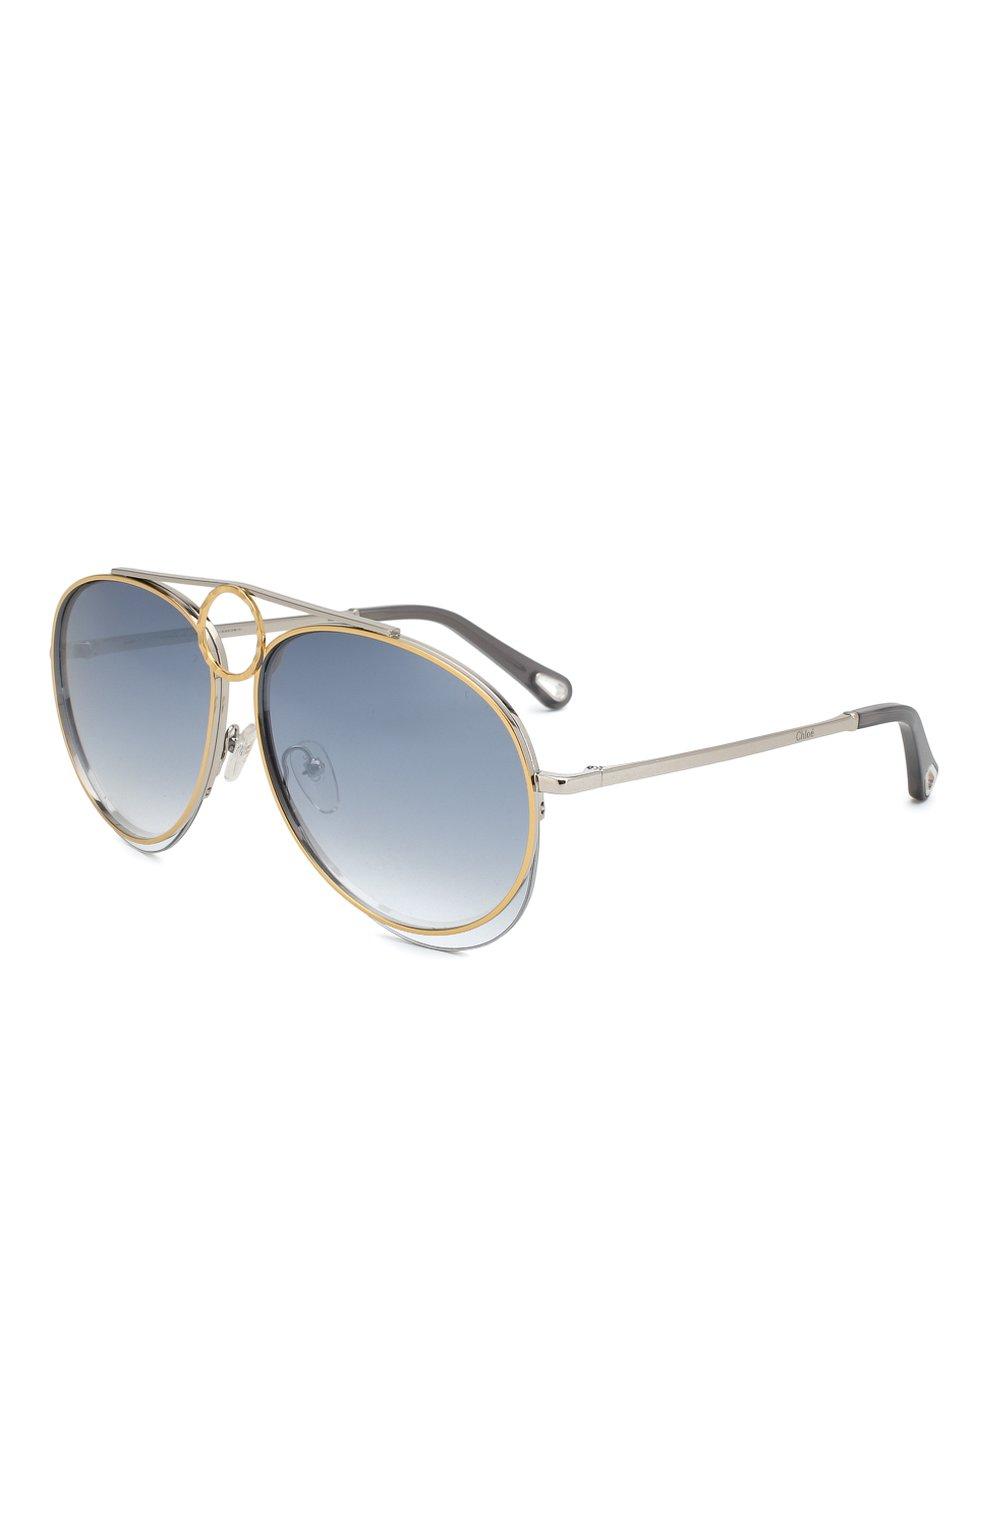 864f86dea2a2 Женские голубые солнцезащитные очки CHLOÉ — купить за 23750 руб. в ...